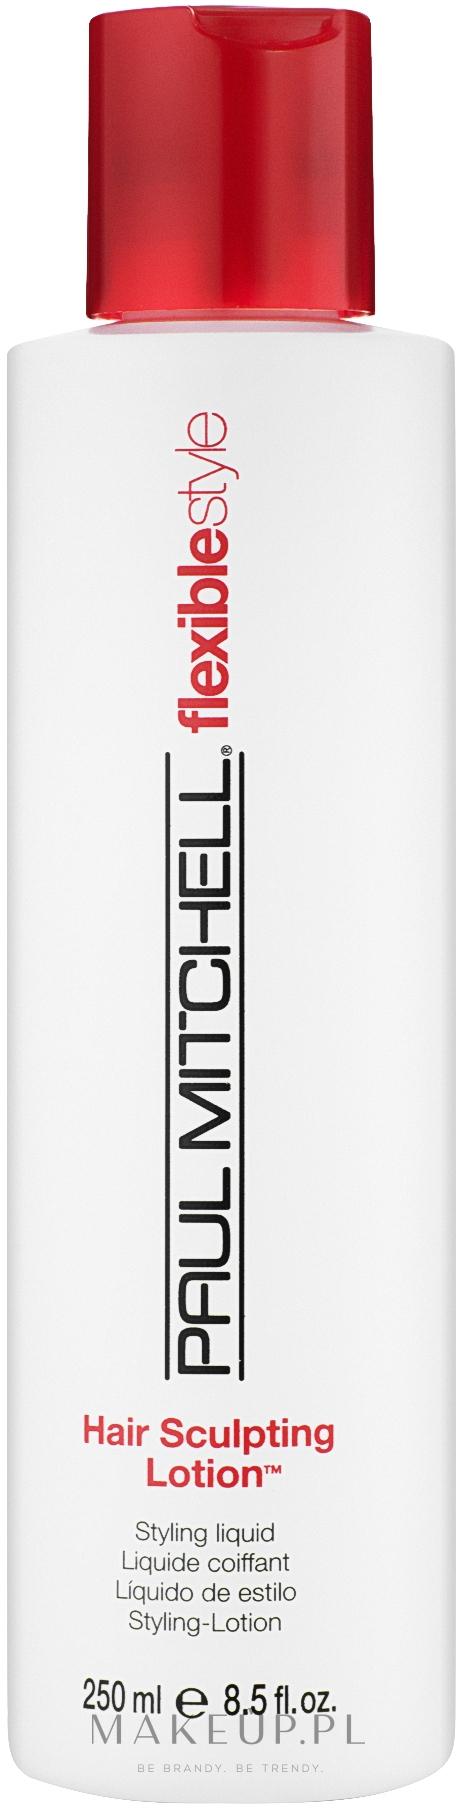 Lotion do stylizacji włosów - Paul Mitchell Flexible Style Hair Sculpting Lotion — фото 250 ml